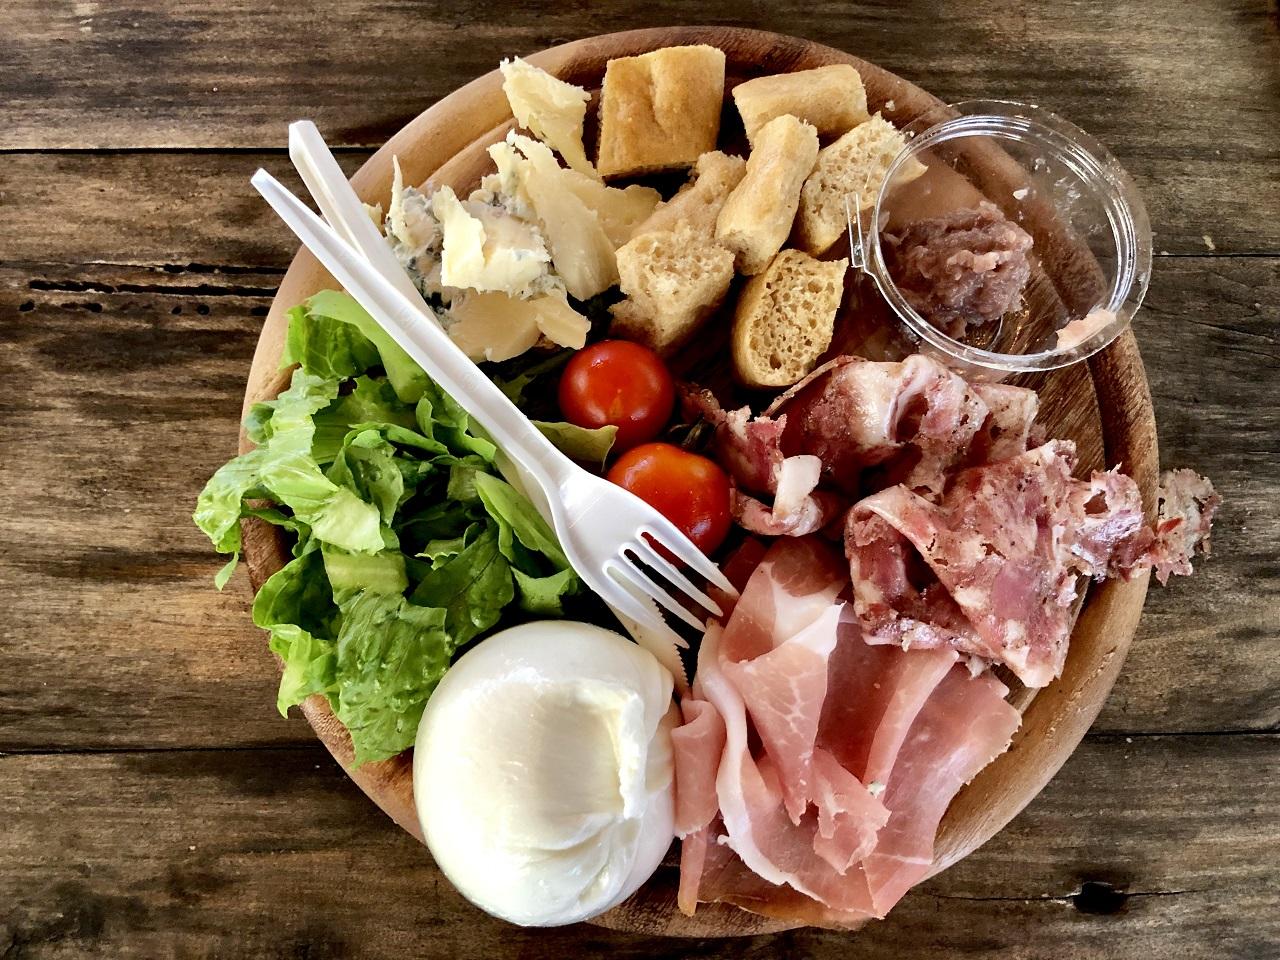 tagliere con salumi, formaggi, mozzarella. focaccia, insalata e pomodori